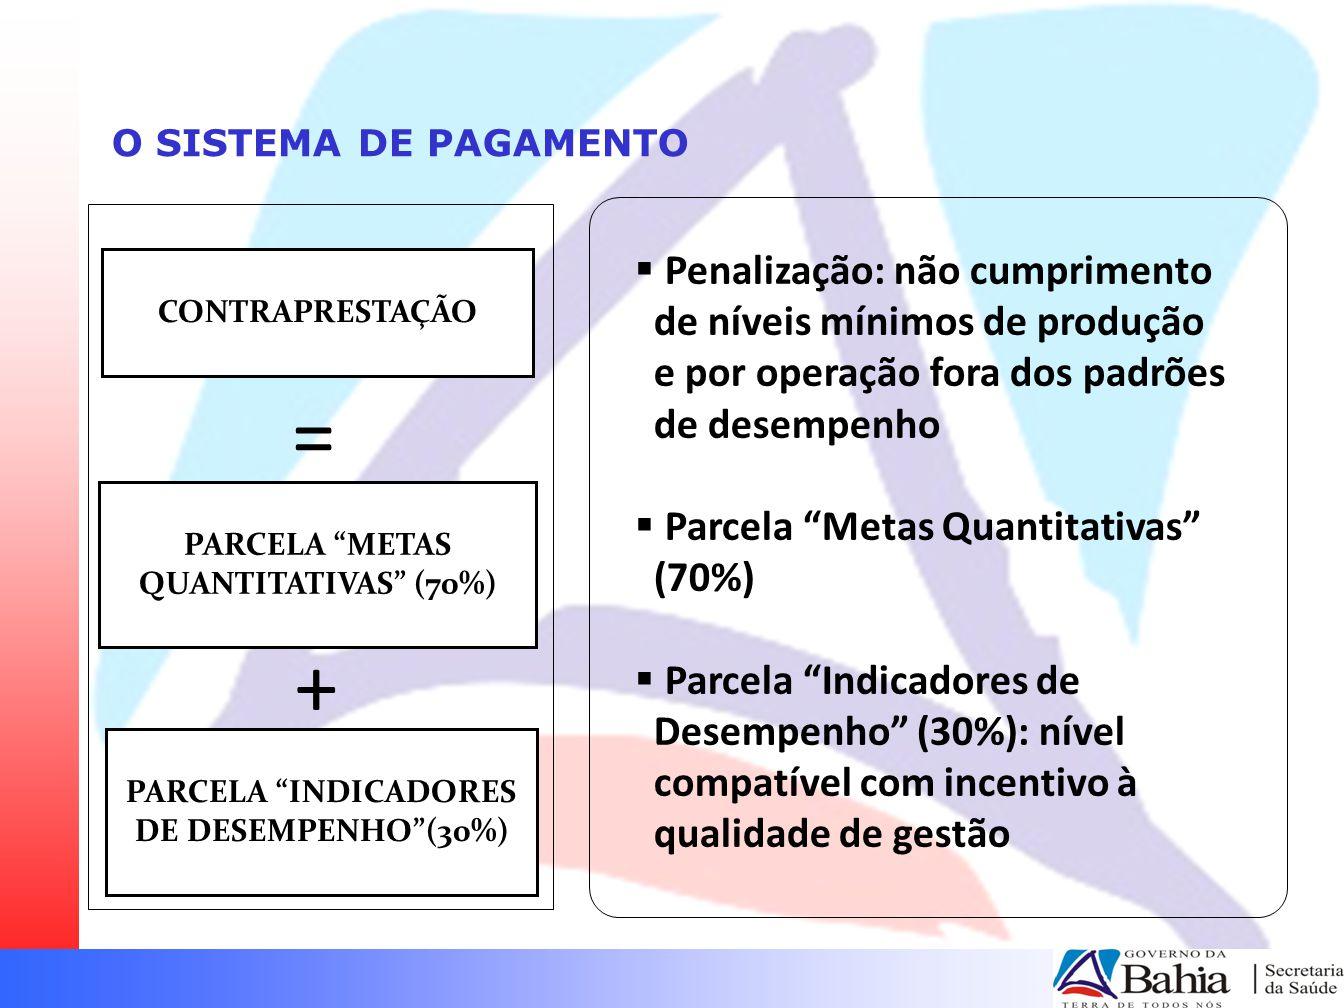 O SISTEMA DE PAGAMENTO CONTRAPRESTAÇÃO. Penalização: não cumprimento de níveis mínimos de produção e por operação fora dos padrões de desempenho.